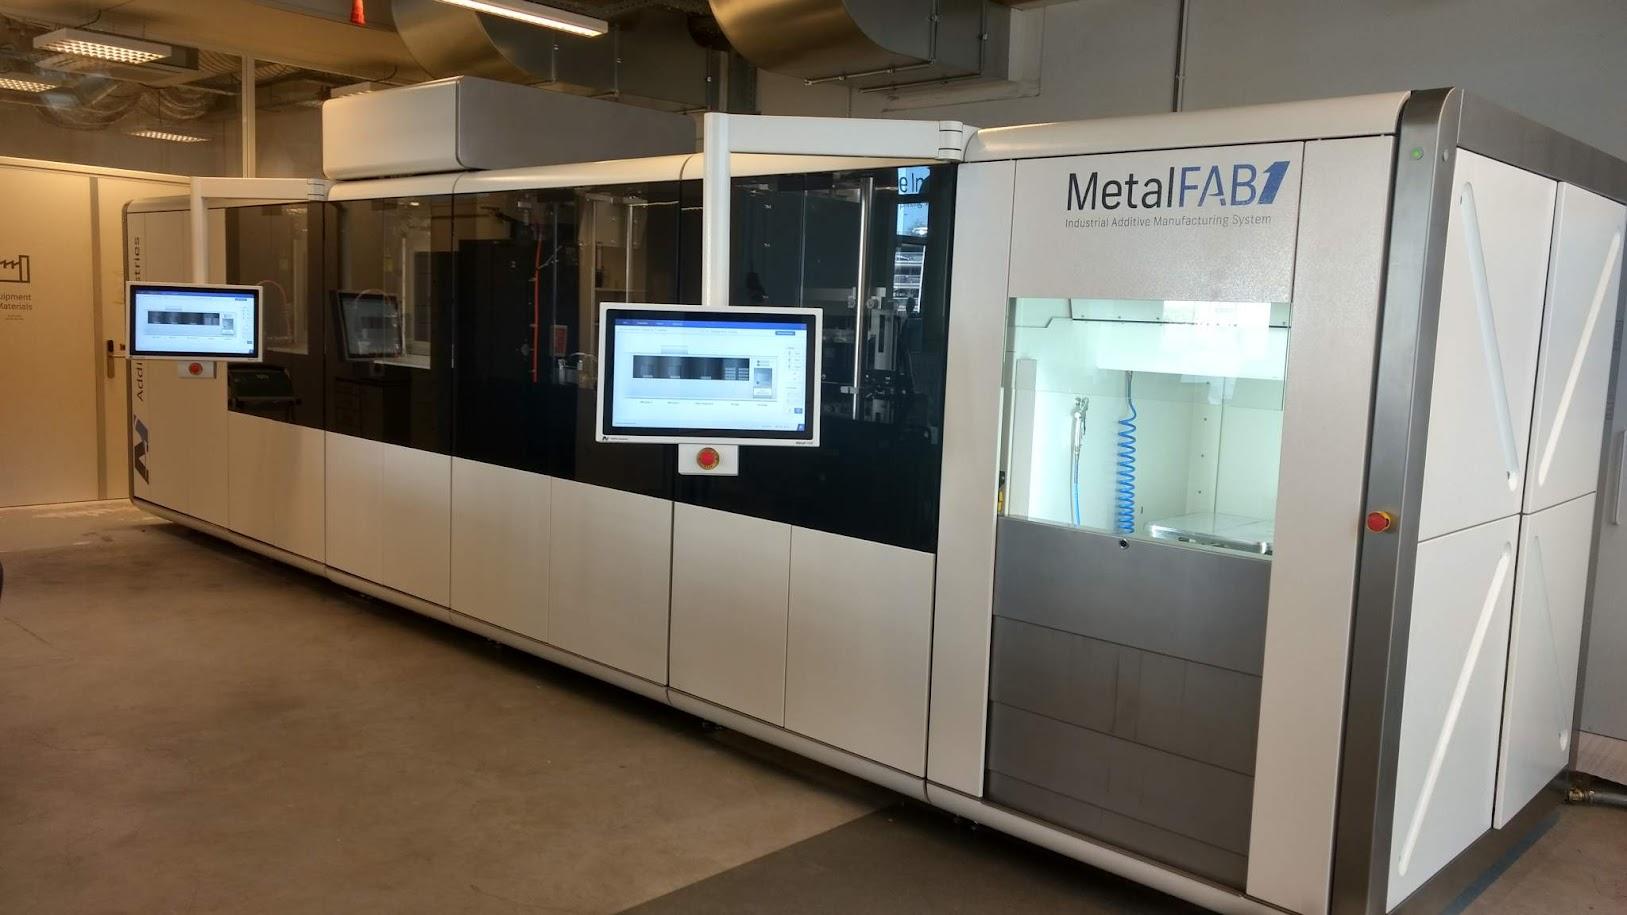 Компания Additive Industries и их изобретение MetalFAB1